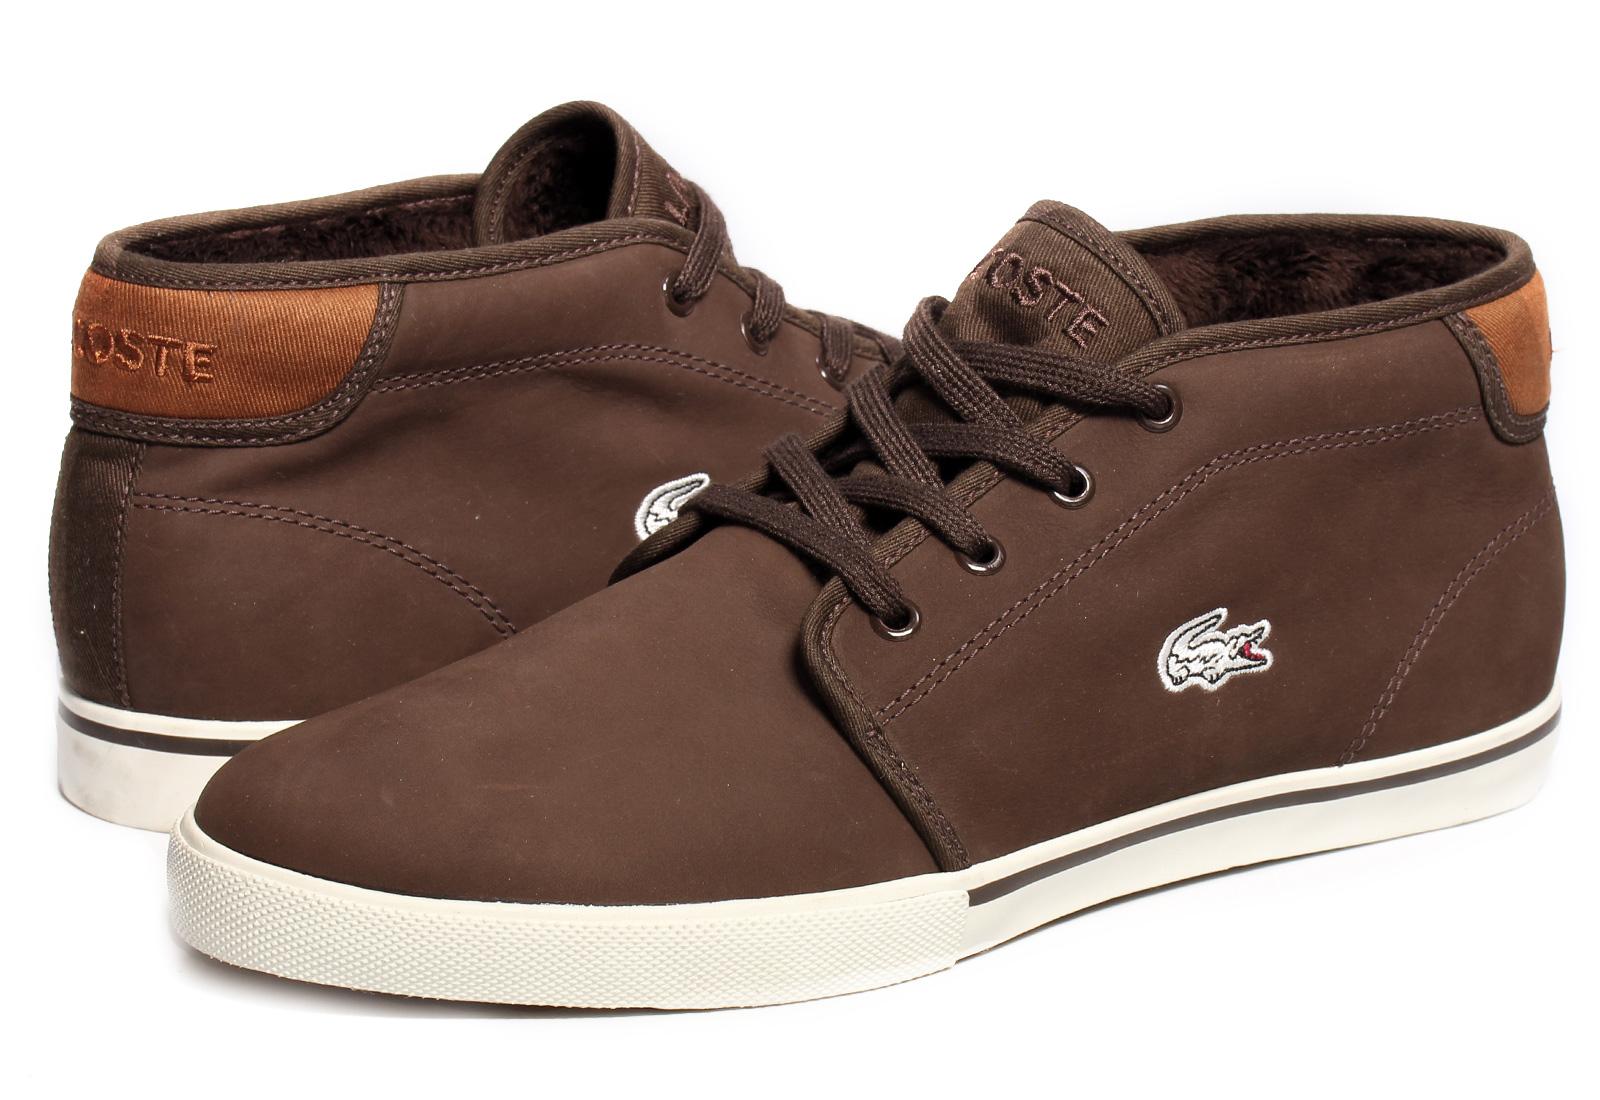 Lacoste Shoes - Ampthill Nbk - 133spm0014-1w9 - Online ...